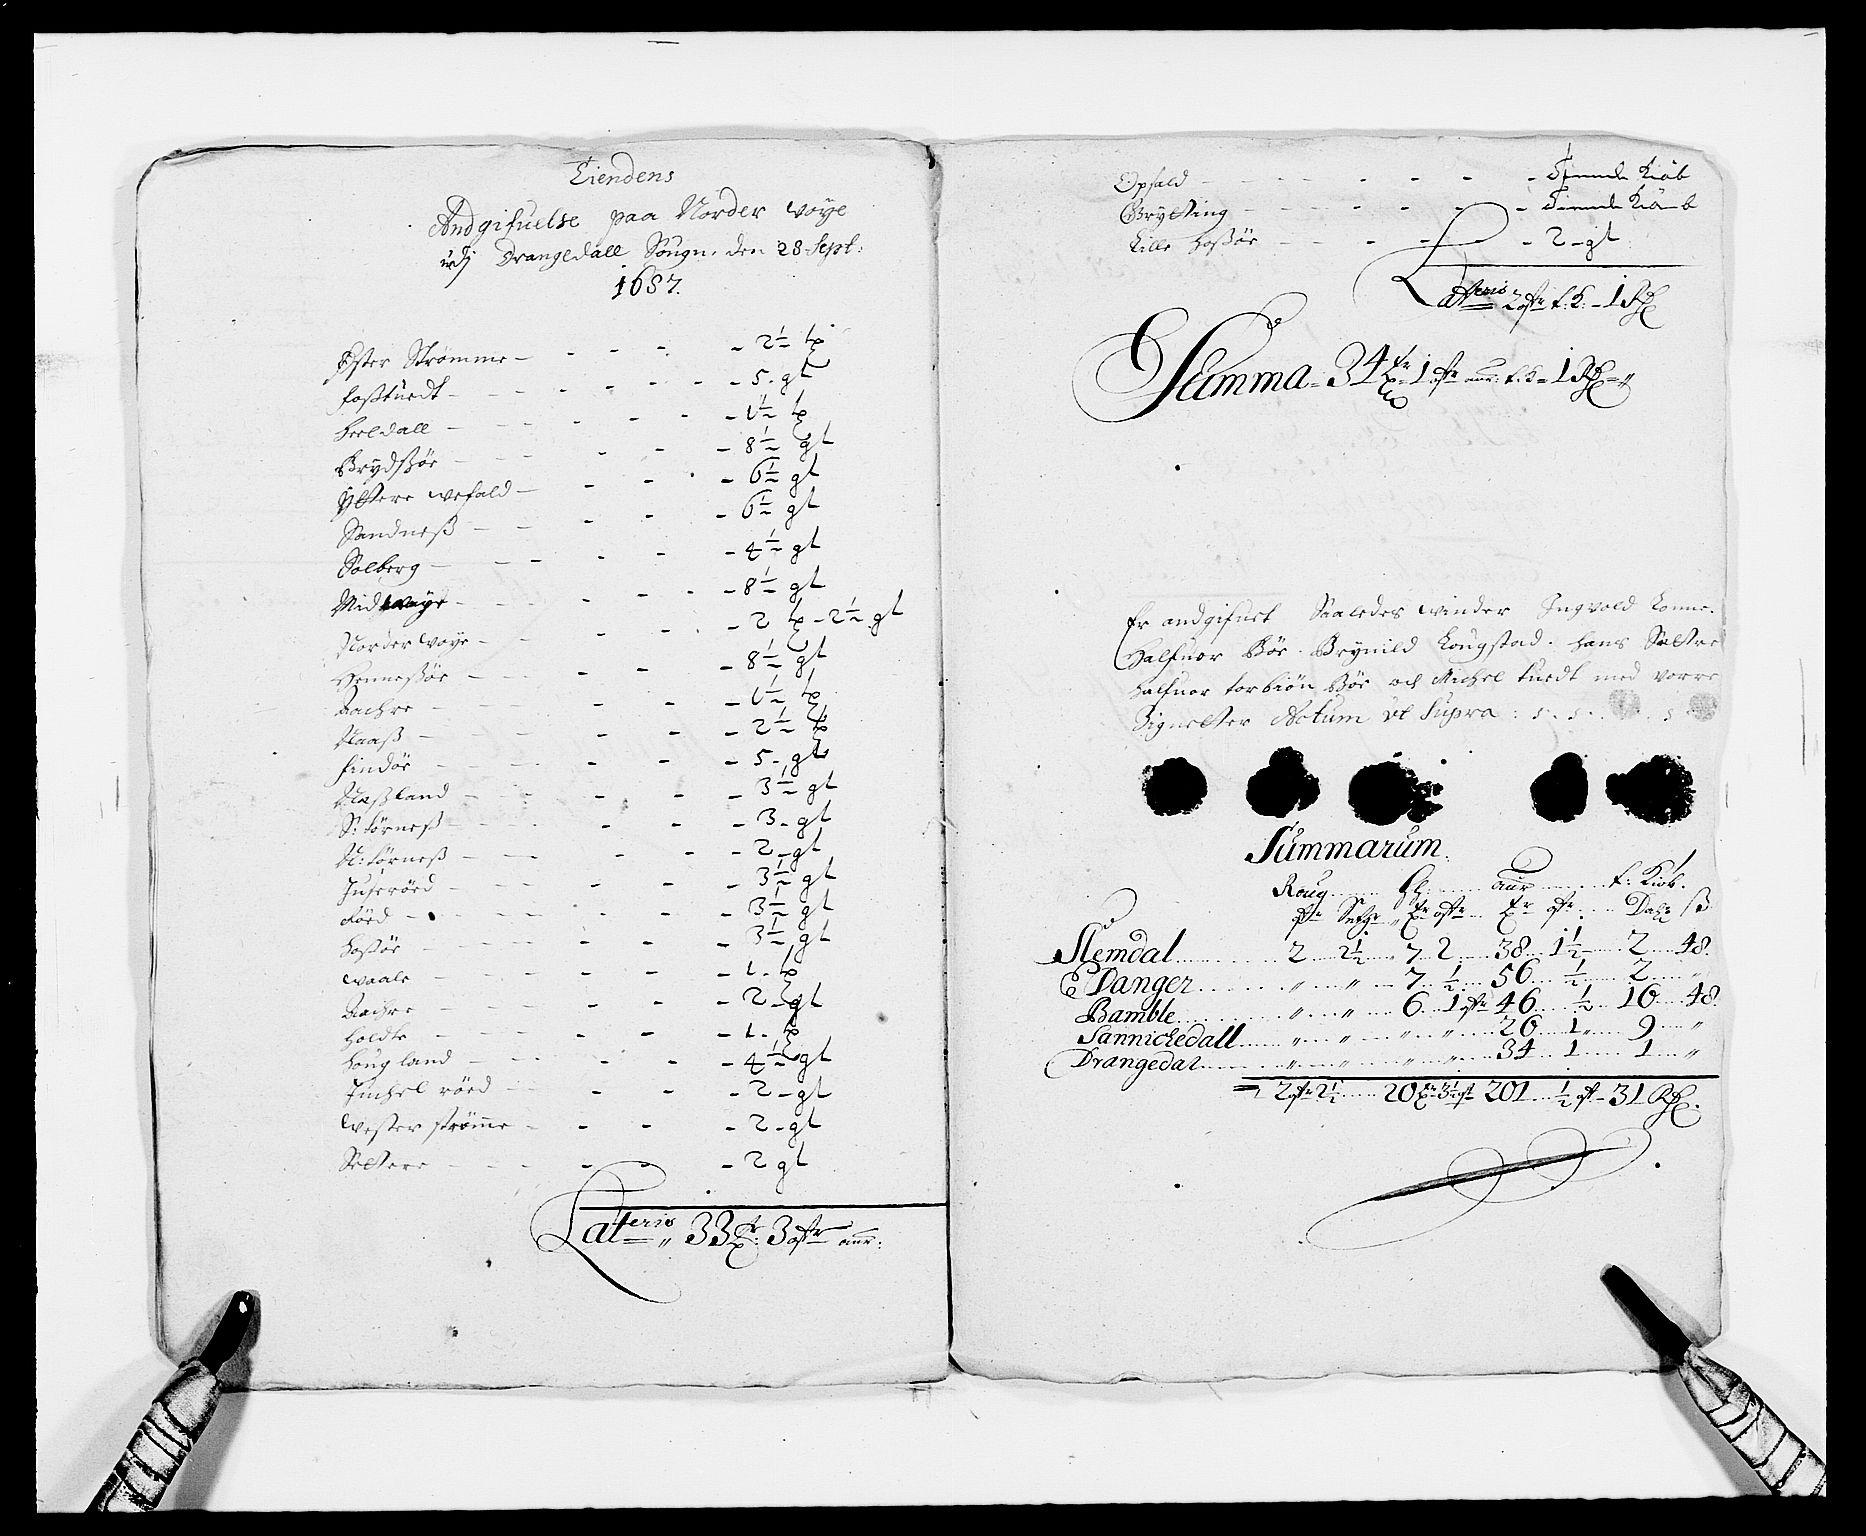 RA, Rentekammeret inntil 1814, Reviderte regnskaper, Fogderegnskap, R34/L2049: Fogderegnskap Bamble, 1685-1687, s. 266